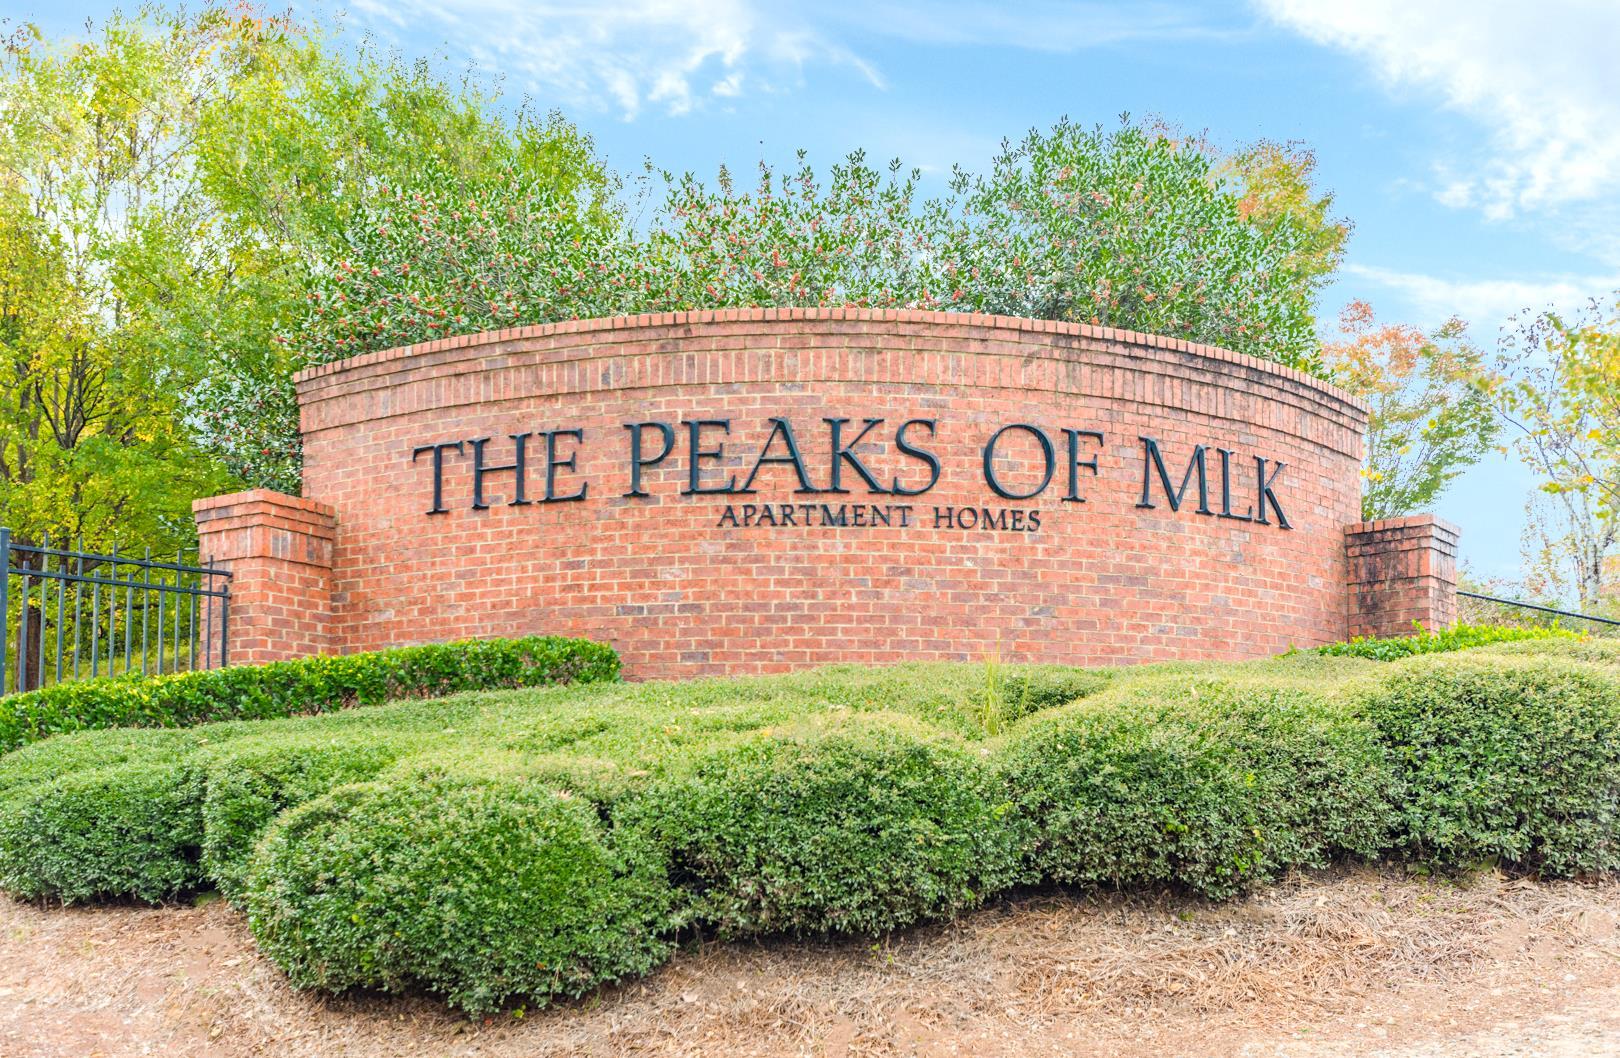 Peaks at MLK